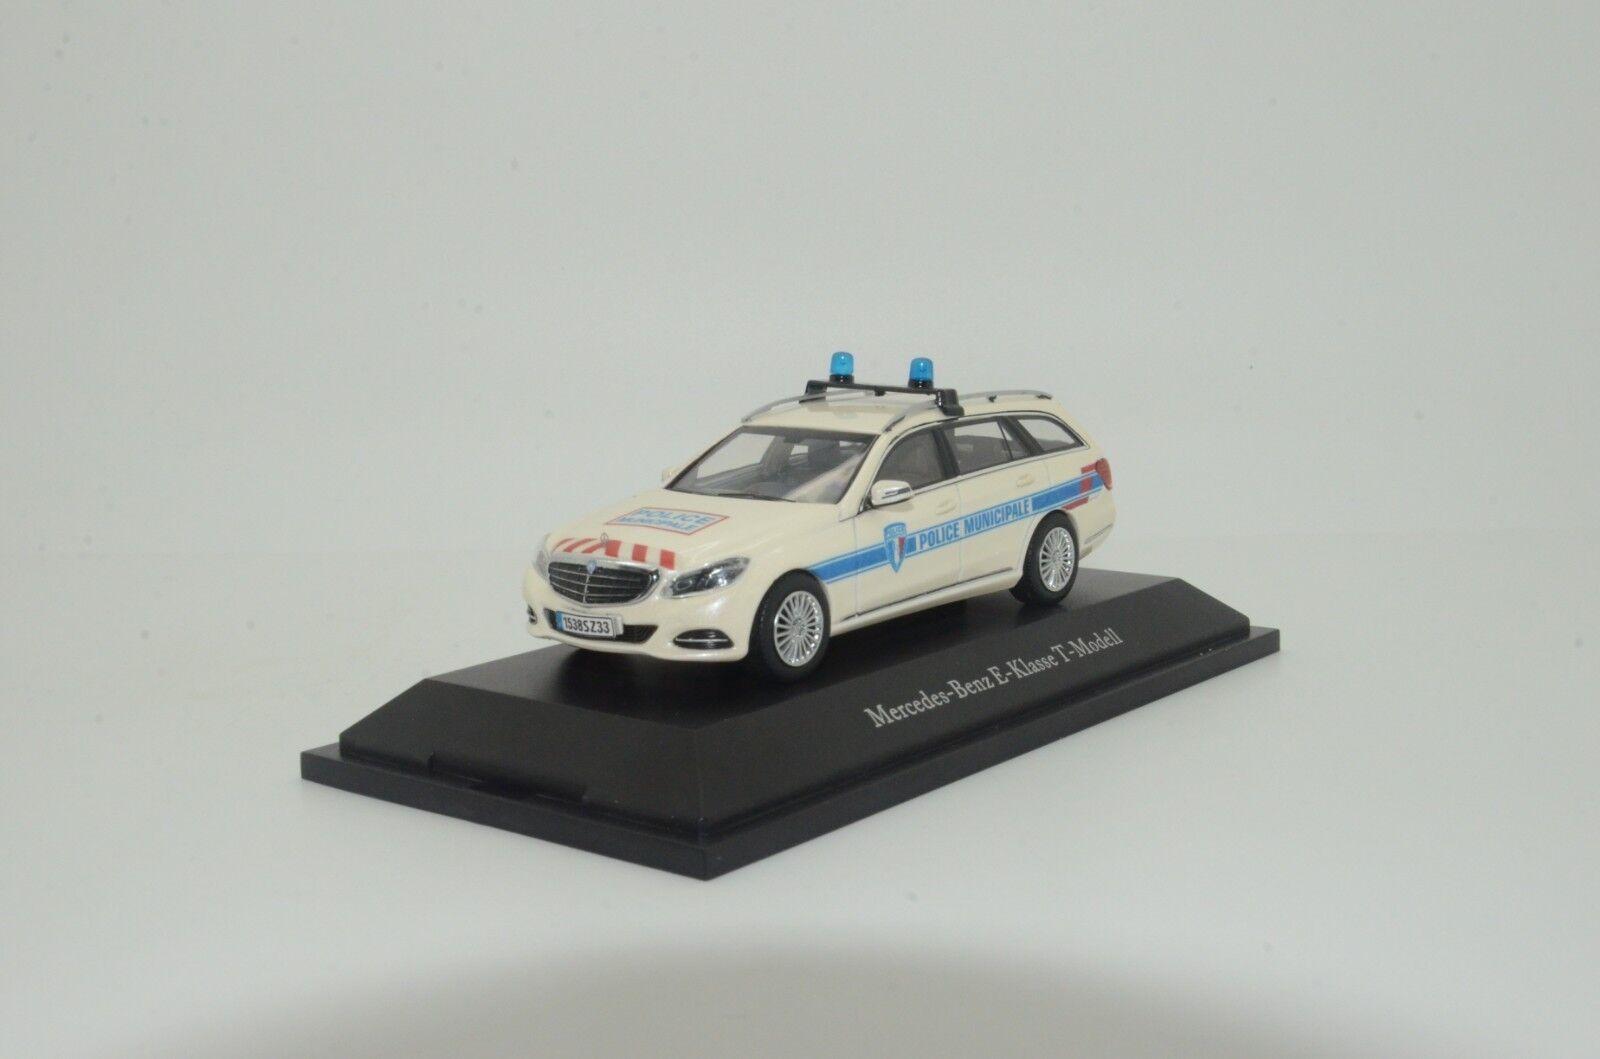 Envío 100% gratuito    rara    MERCEDES CLASE CLASE CLASE E T-Modell Francia policía emitida Hecho a Medida 1 43  compra en línea hoy